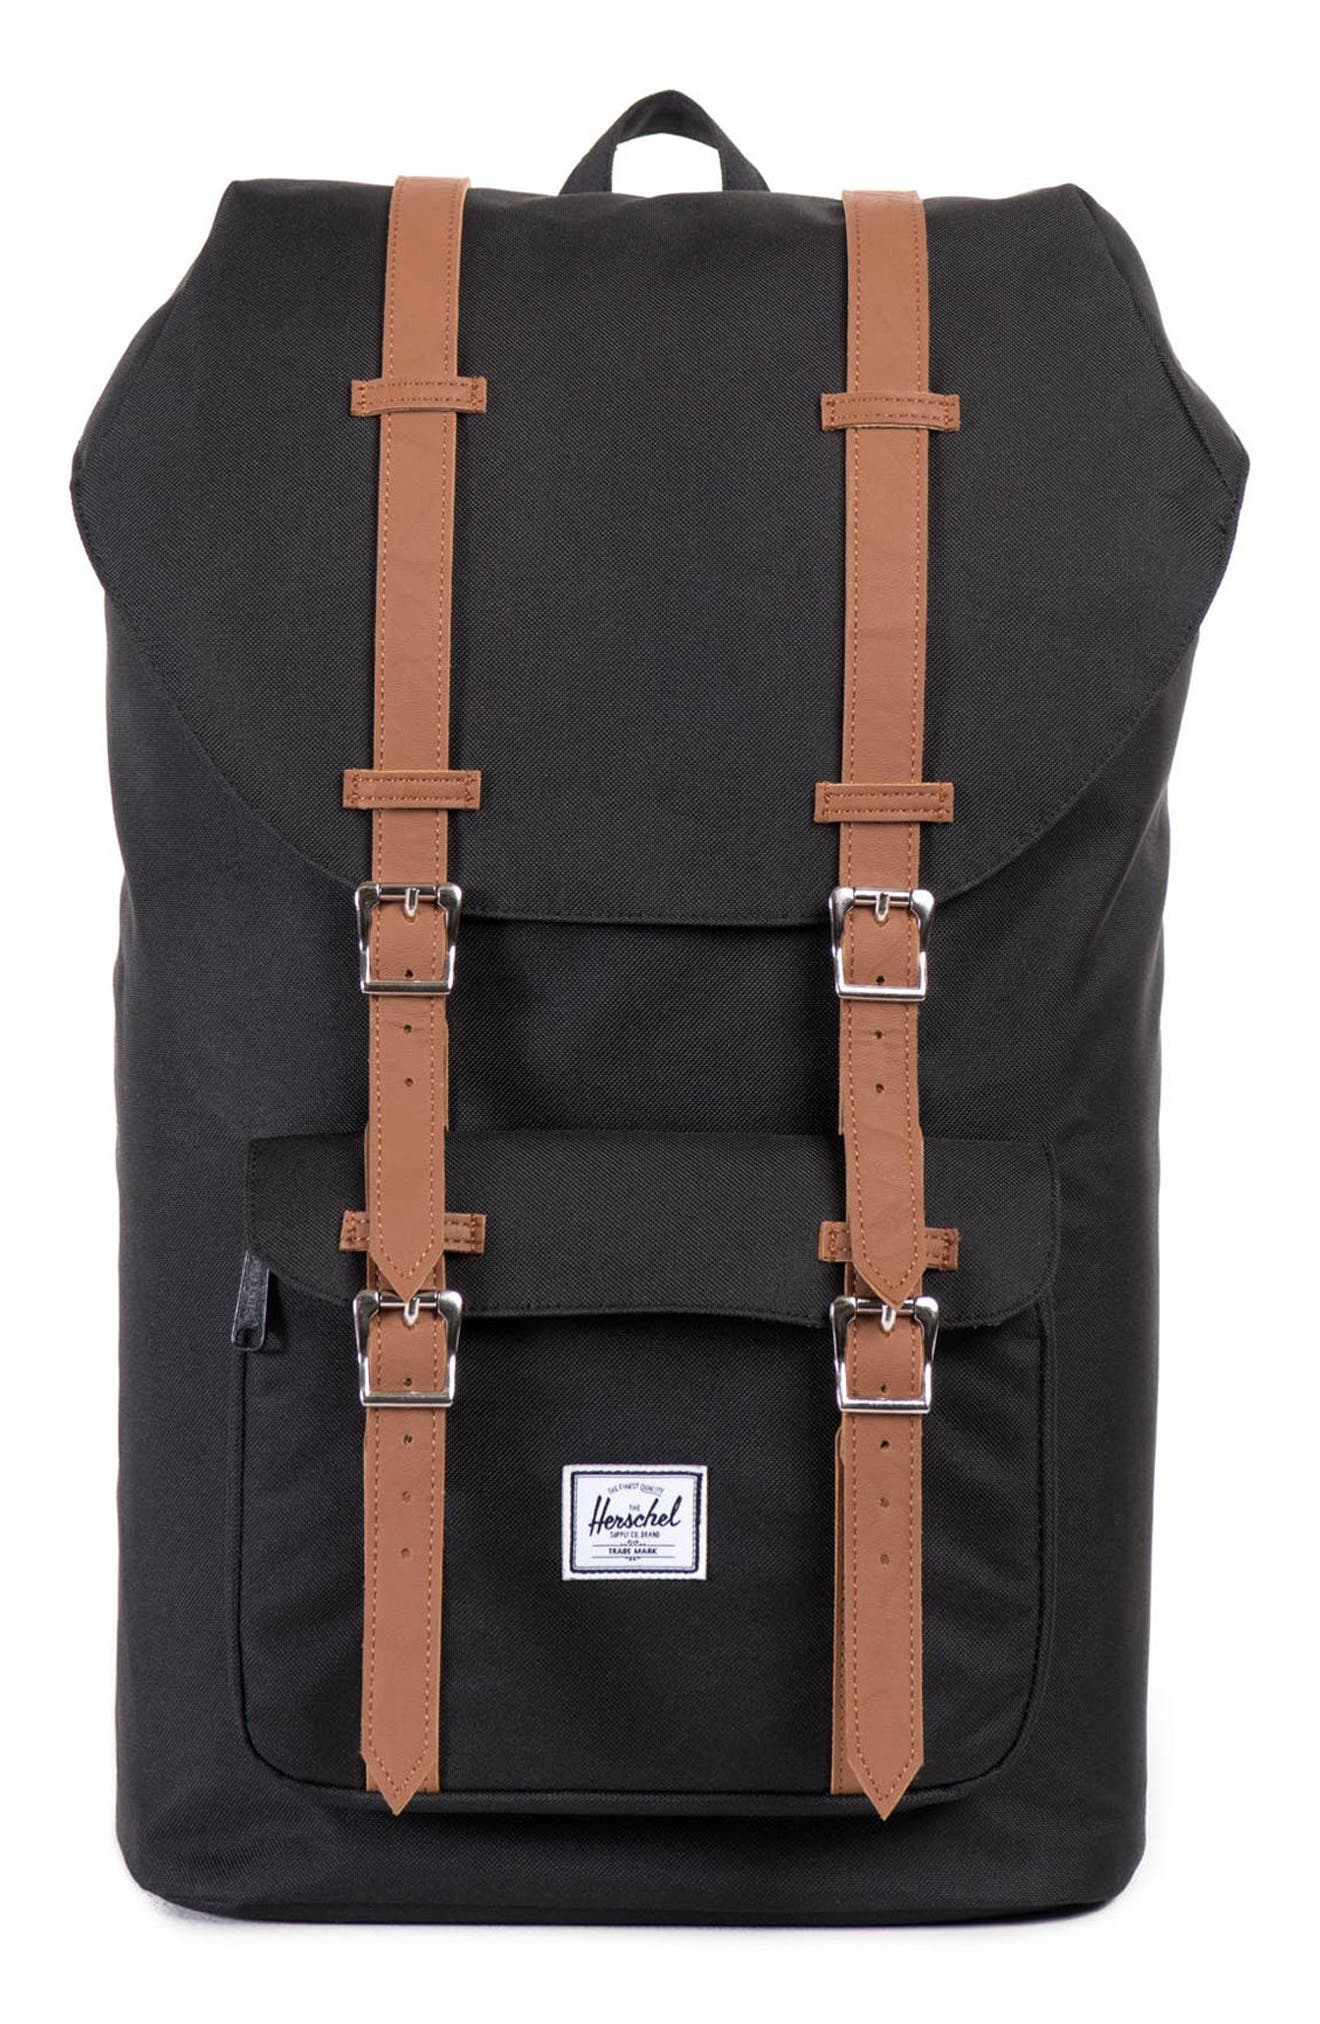 92191504f3 Herschel Supply Co. Women s Bags